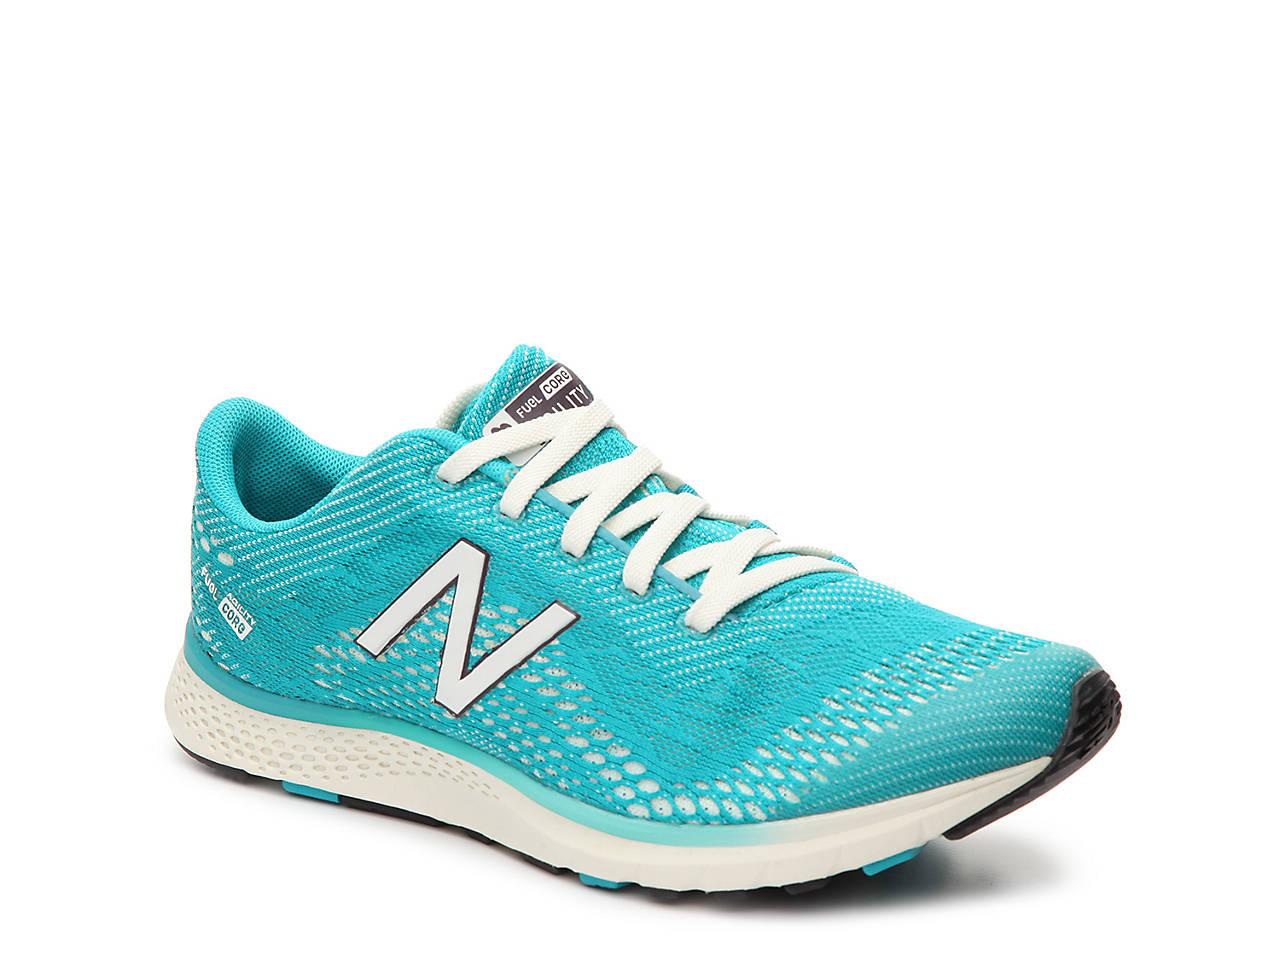 2c2d21d74 New Balance Fuelcore Agility Training Shoe - Women s Women s Shoes